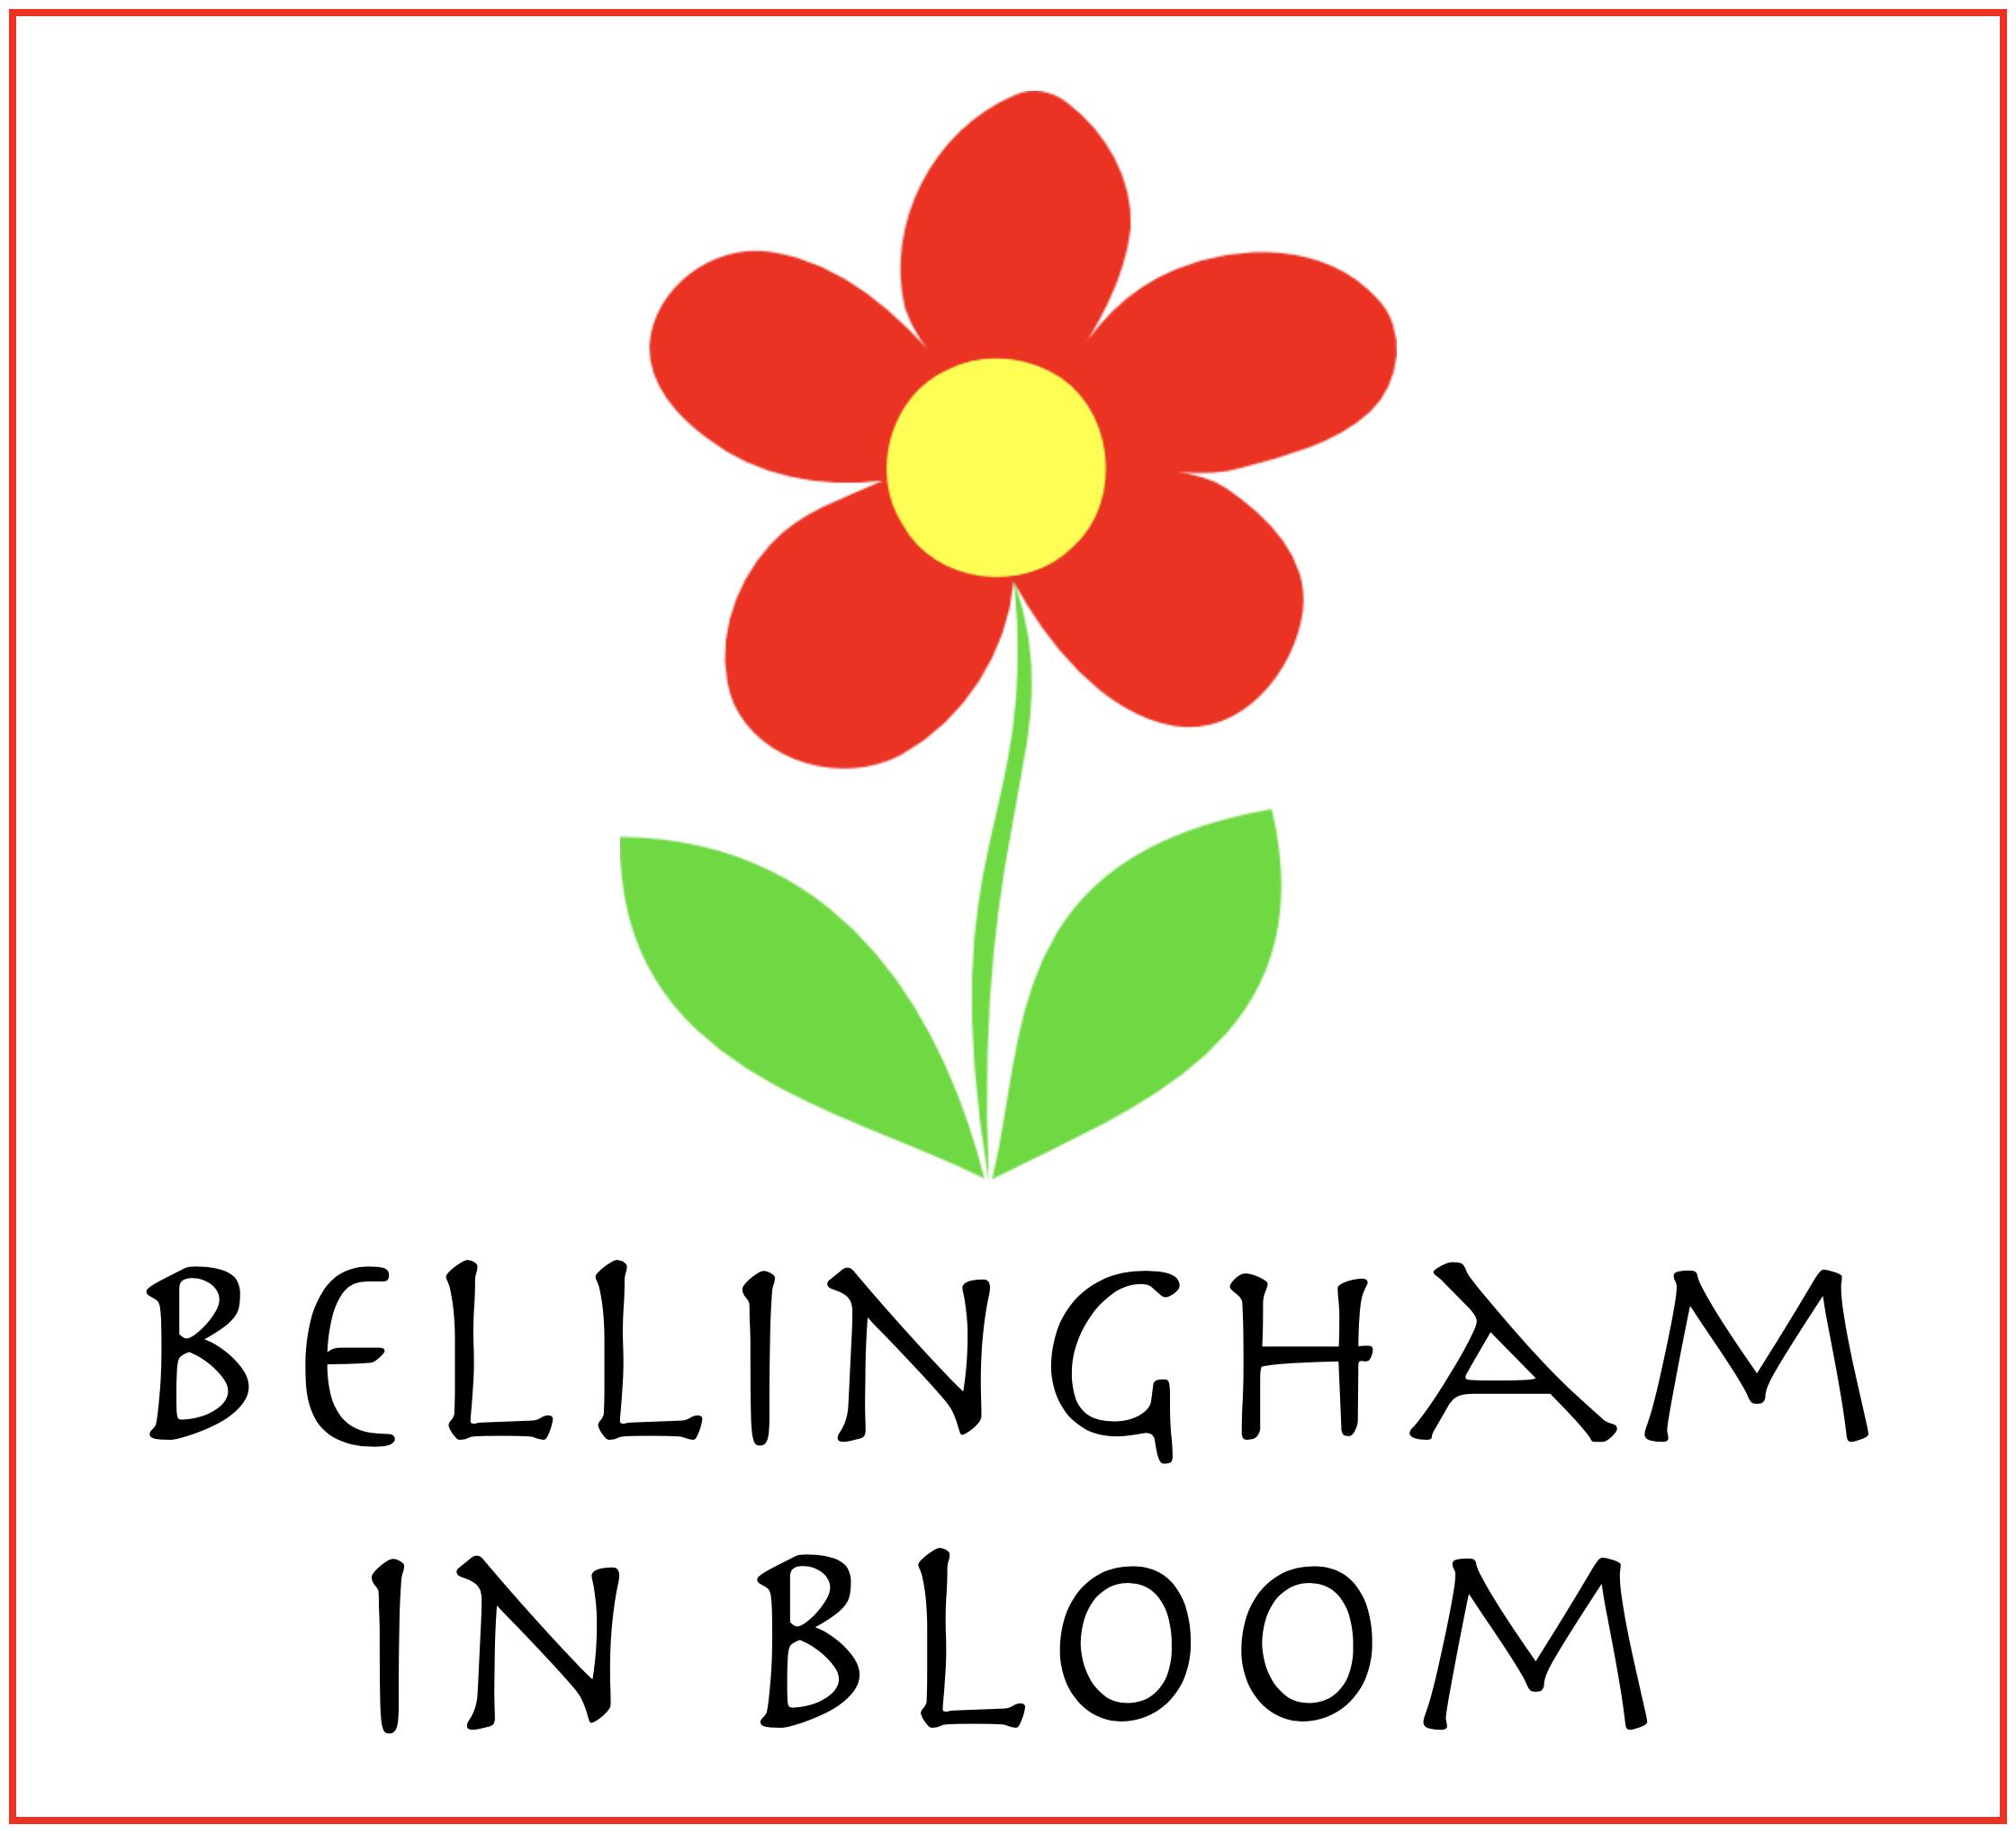 bellingham in bloom